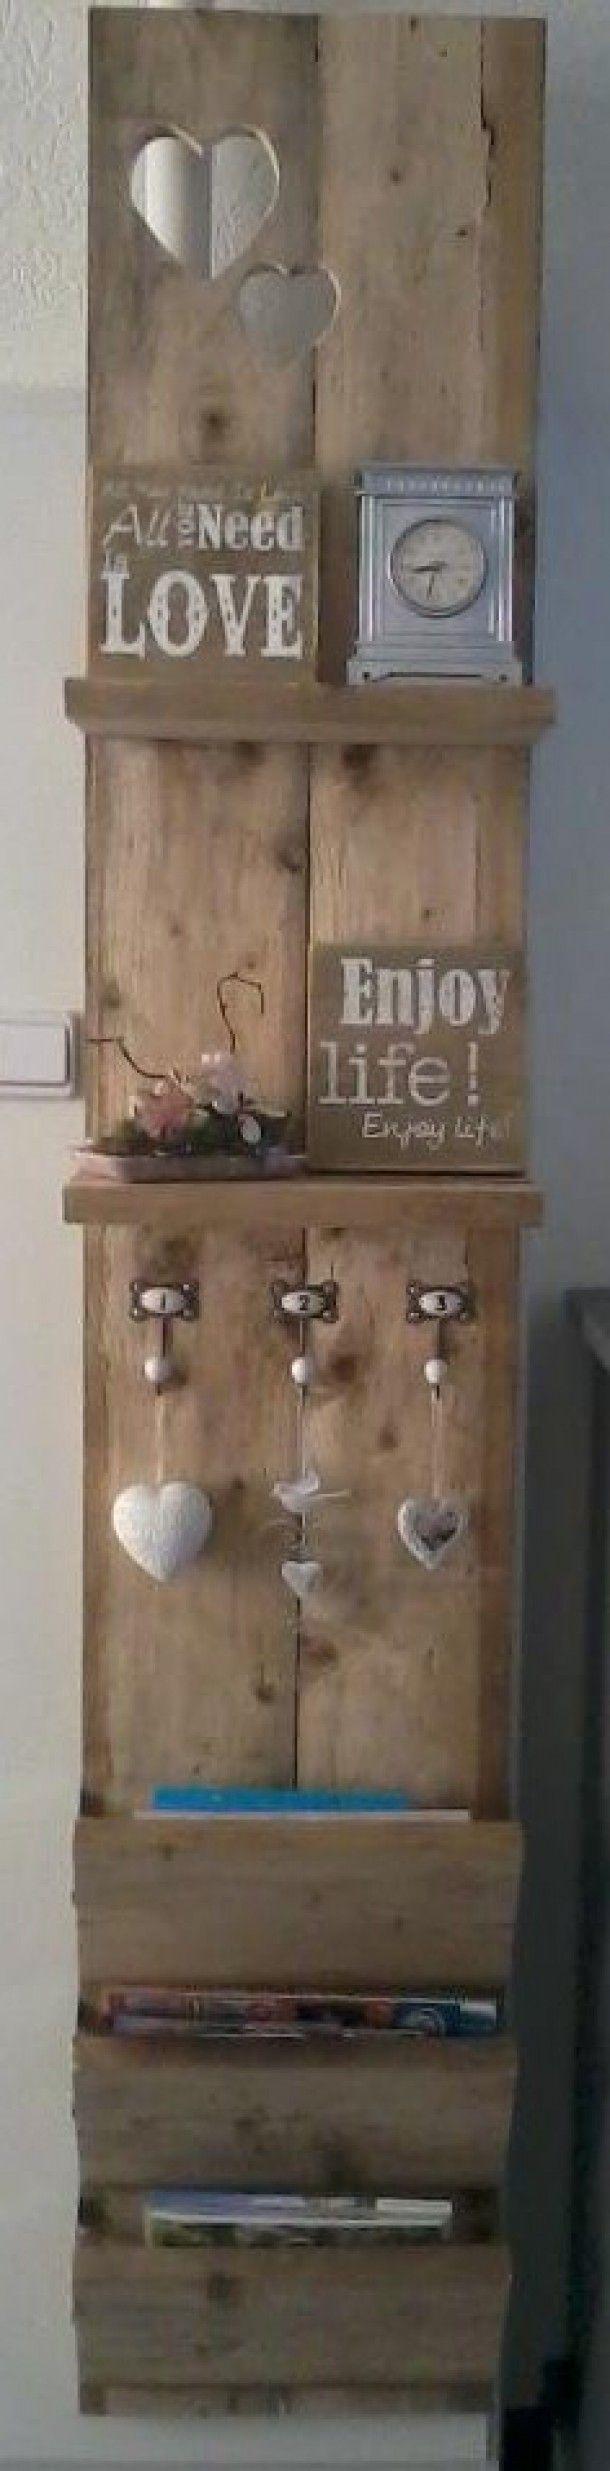 Ideeën voor het interieur waar ik van hou | Mooi steigerhouten wandrek gemaakt door mijn lieve mannetje Door Ietje